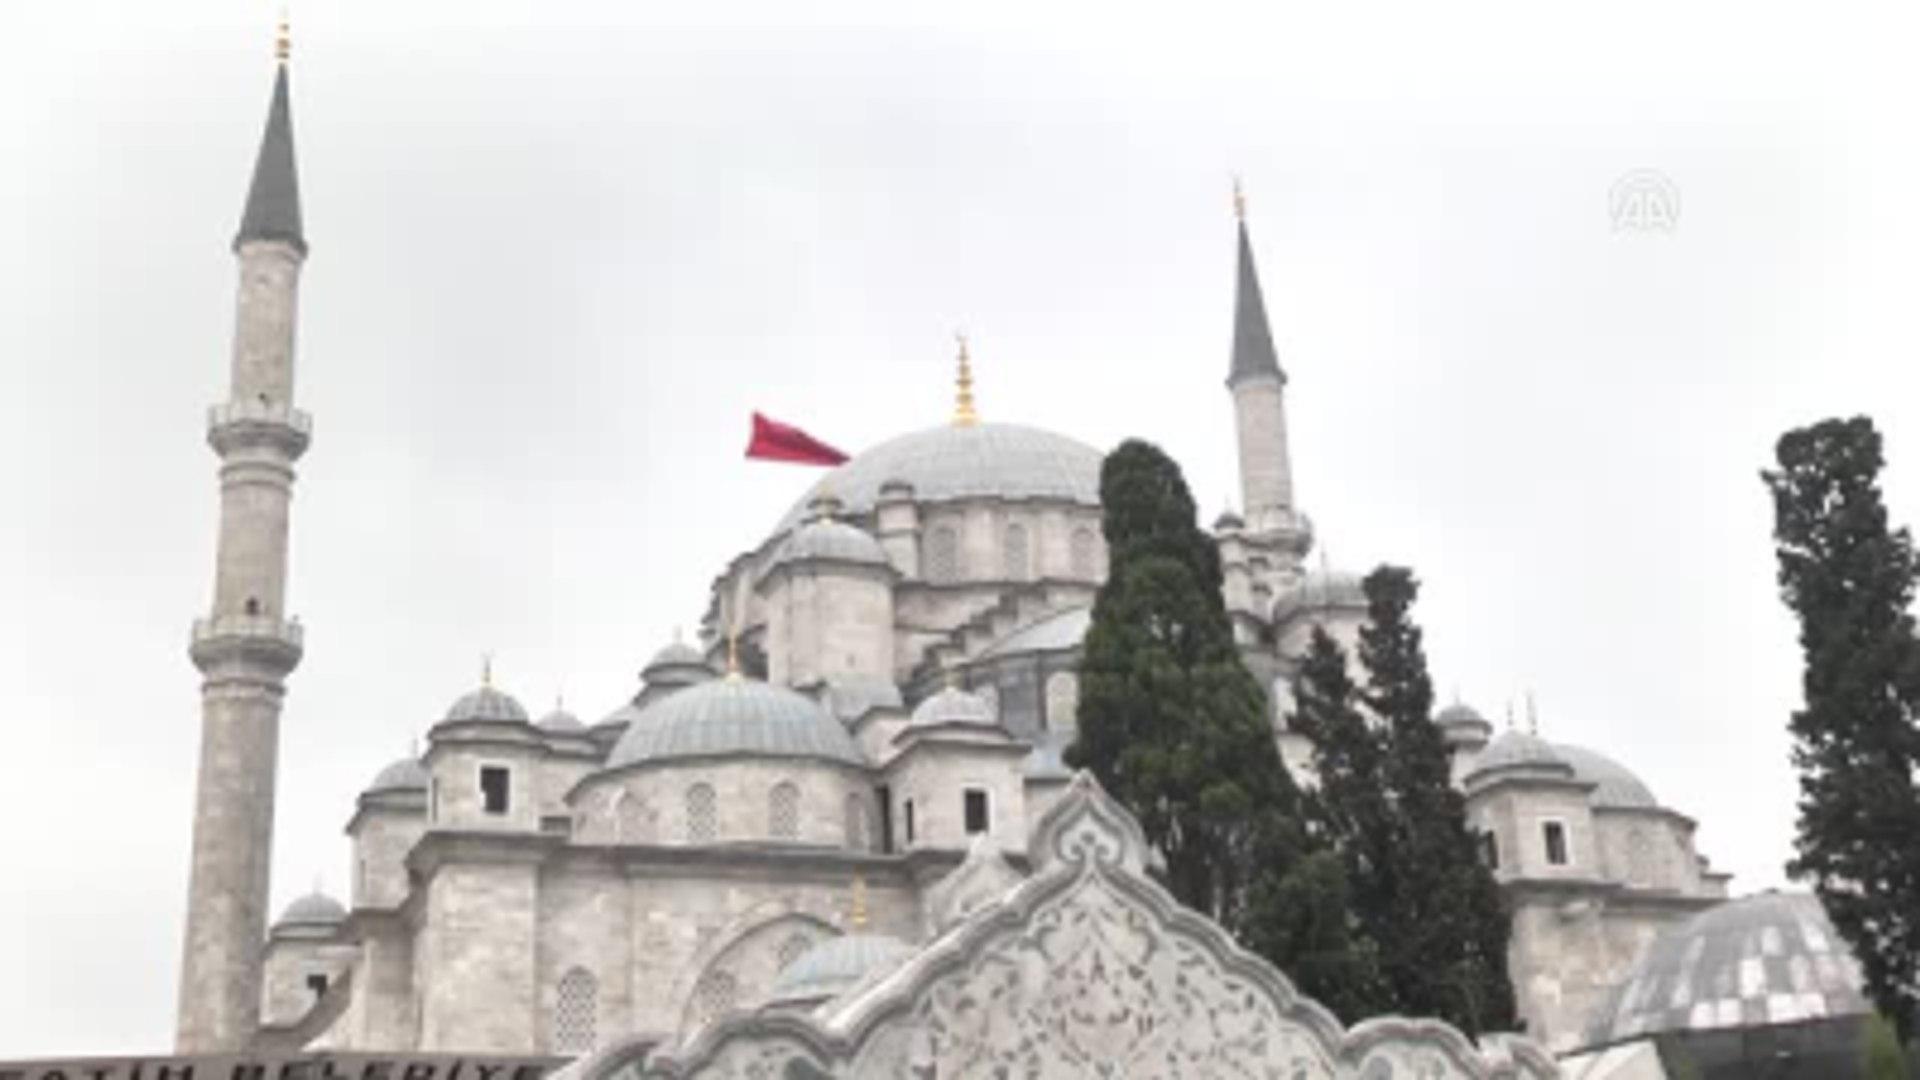 Fetö'nün Darbe Girişimi - Şehit Ramazan Sarıkaya, Toprağa Verildi